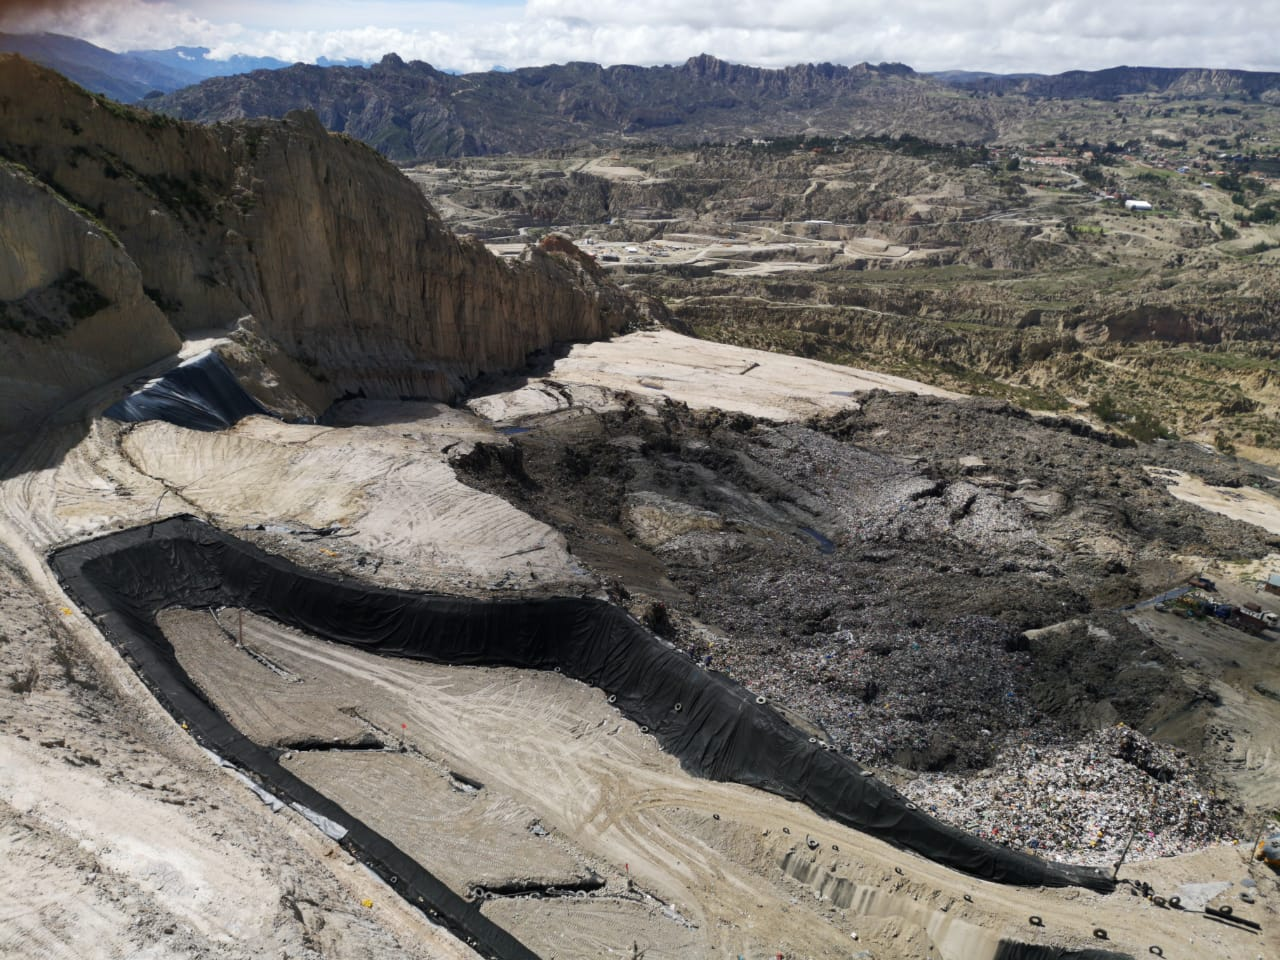 Revilla denuncia que vehículos del municipio de Achocalla se prestan a ayudar con el bloqueo del relleno sanitario en Alpacoma